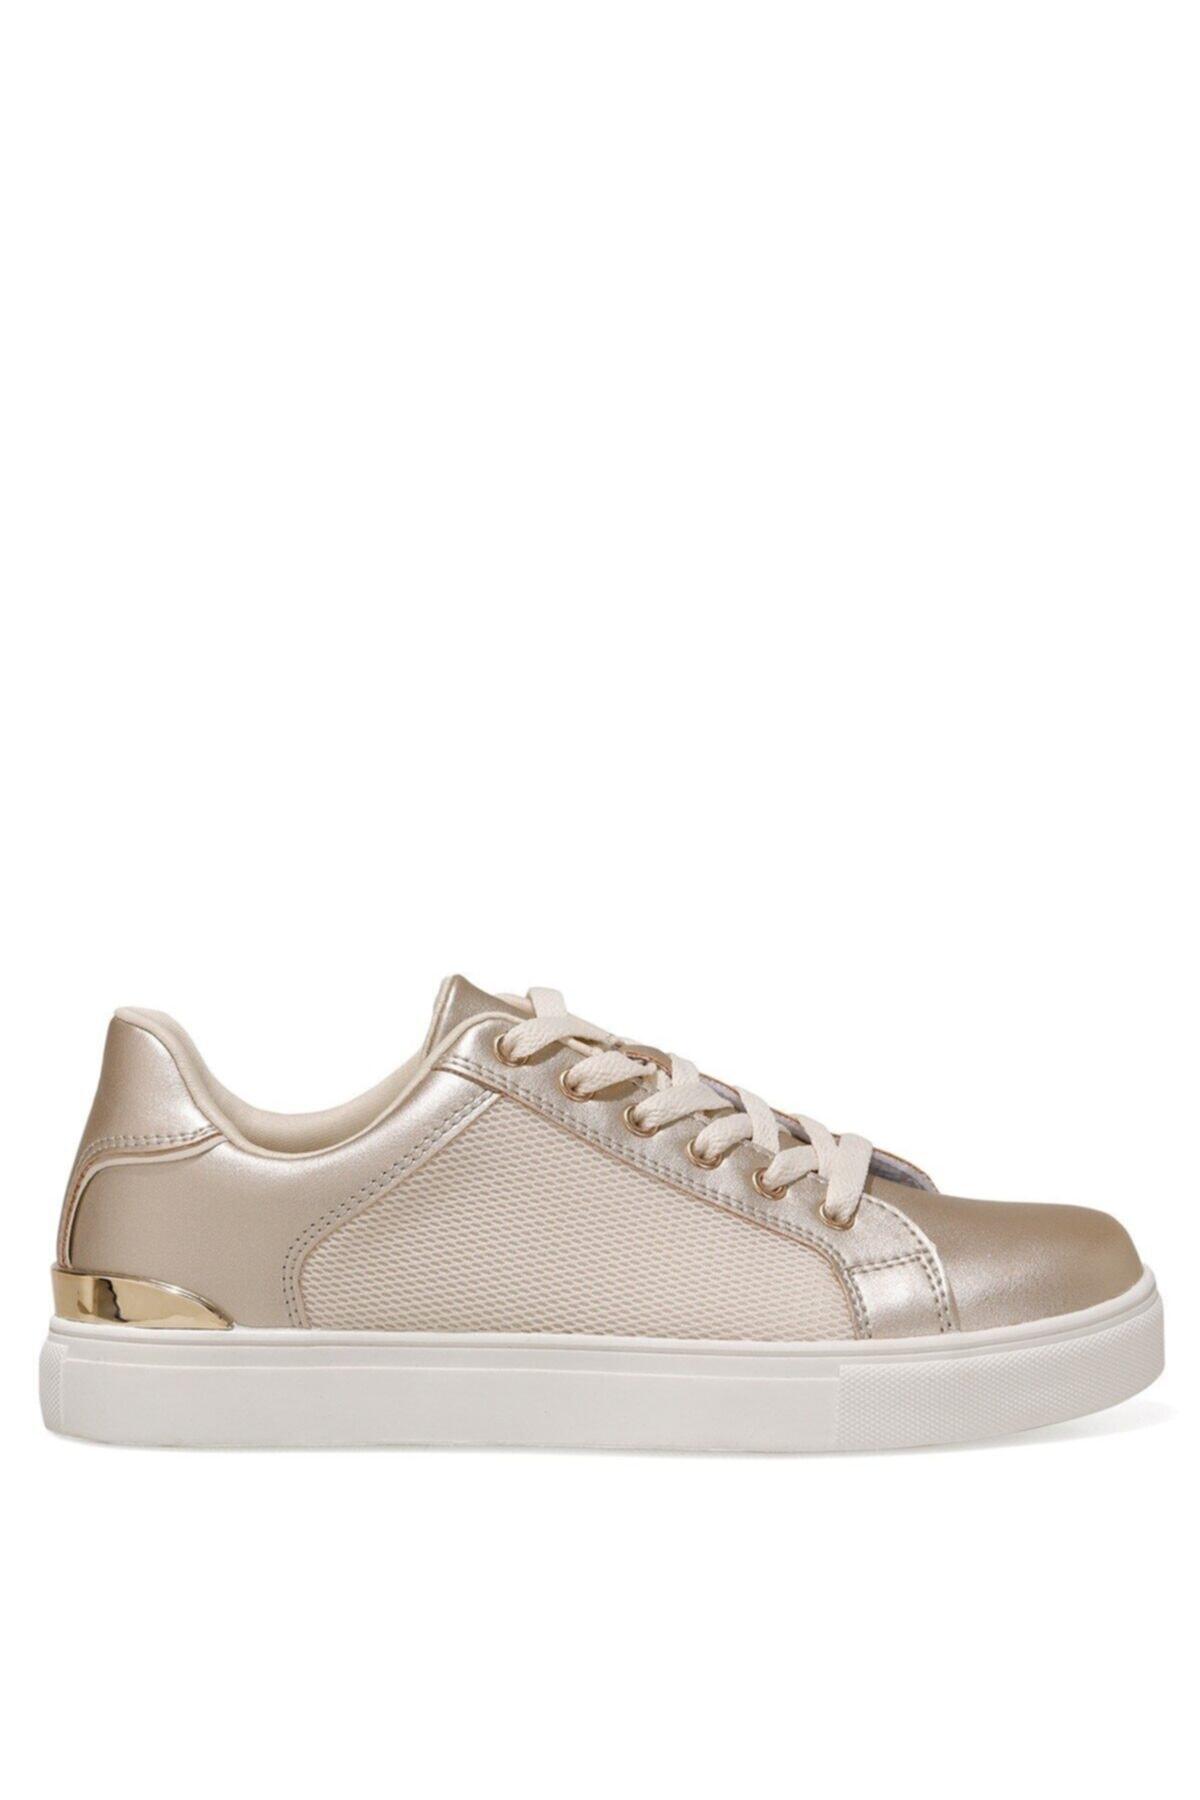 LITO 1FX Altın Kadın Sneaker Ayakkabı 101027993